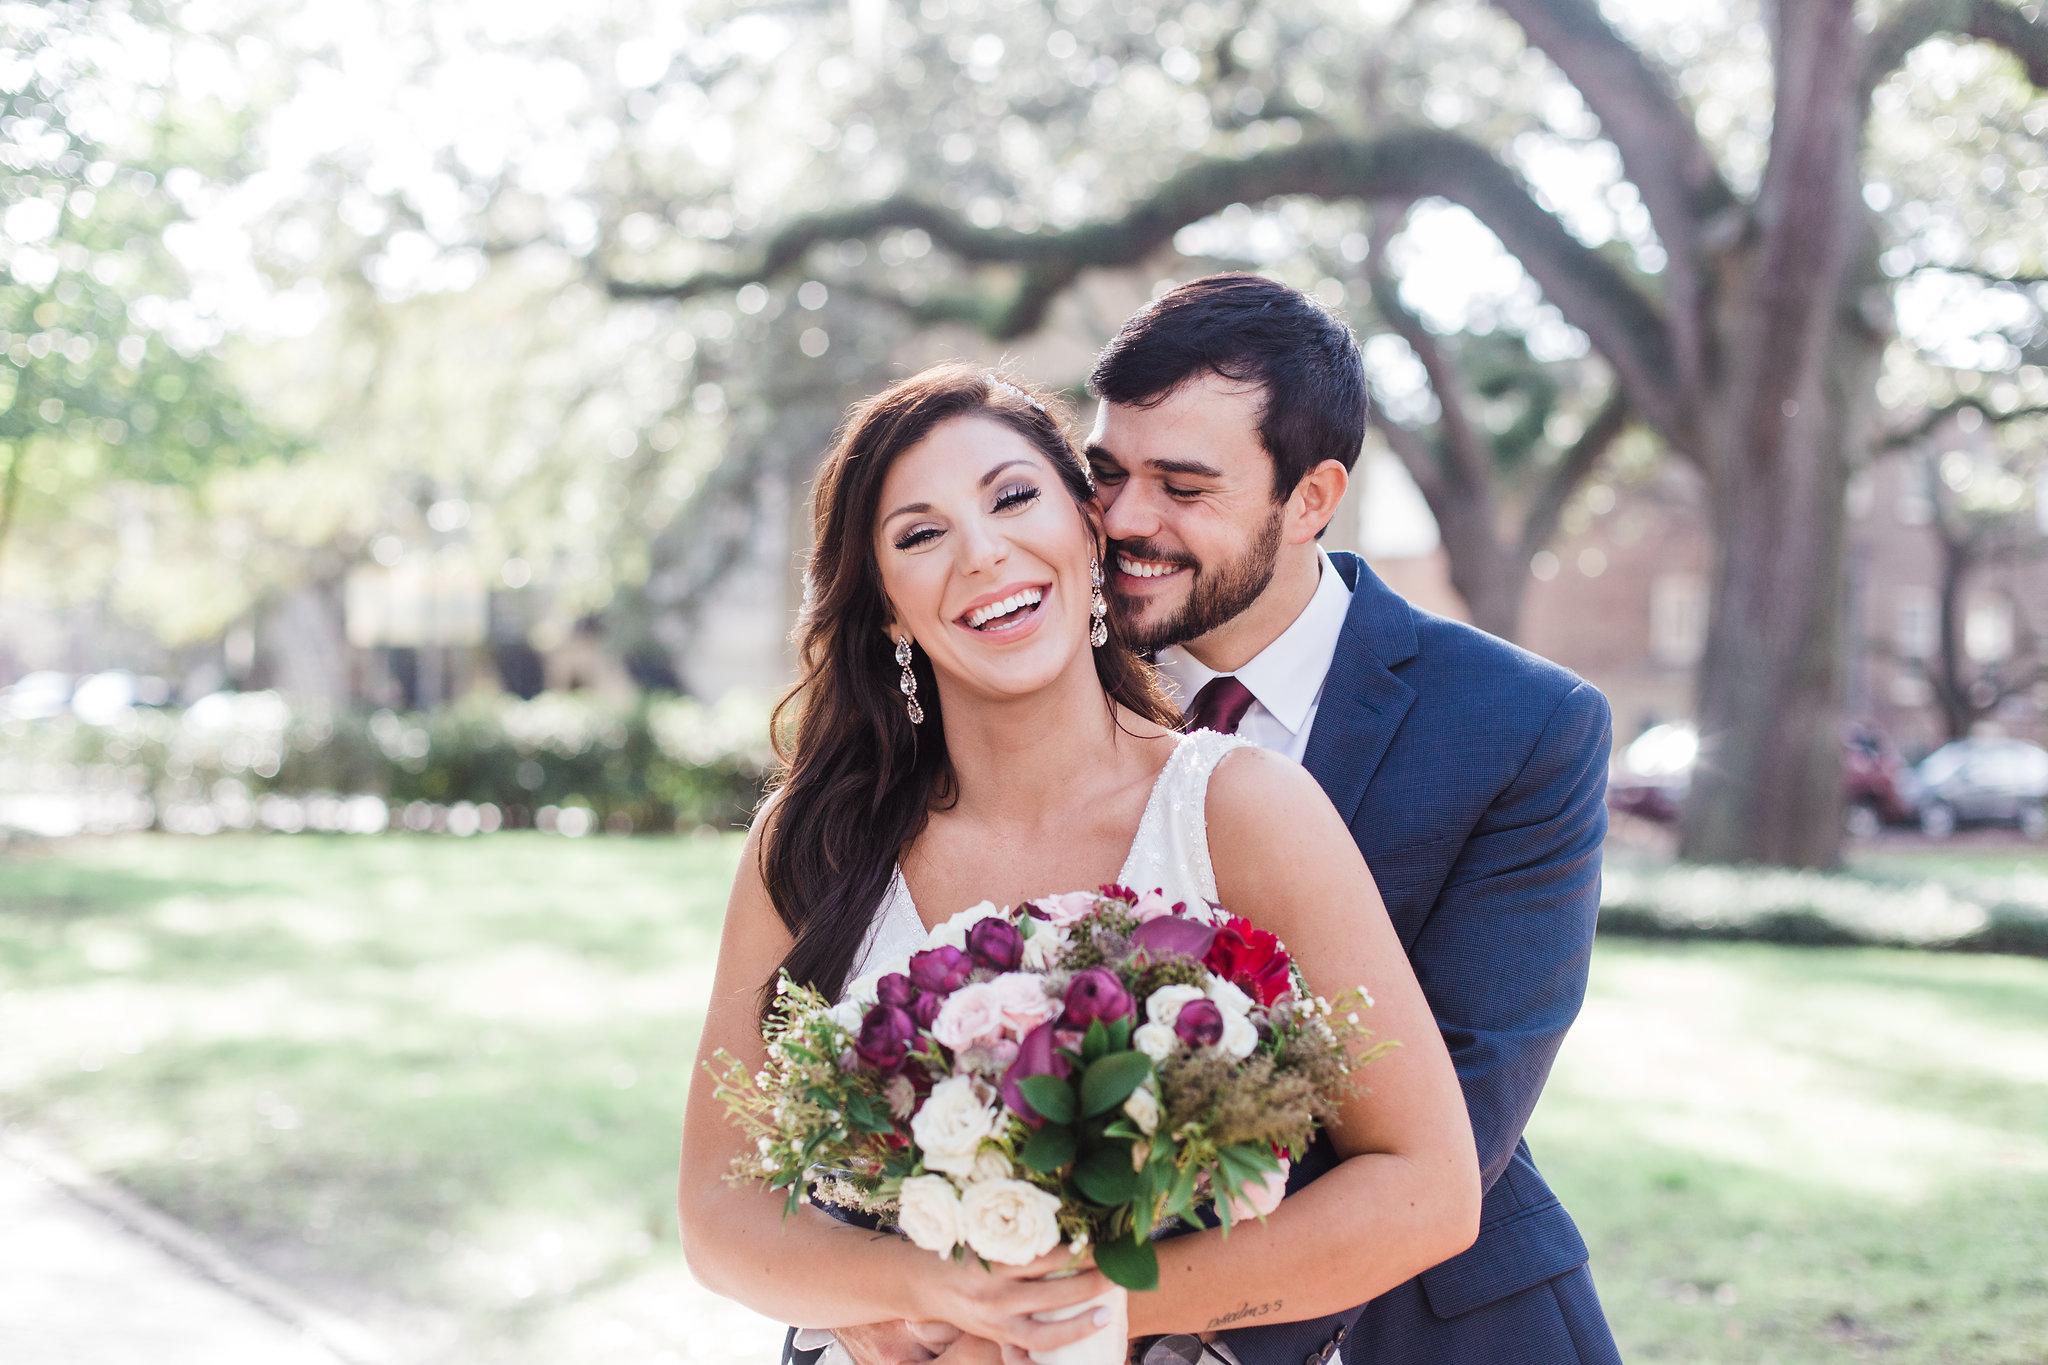 apt-b-photography-lindsey-shawn-Savannah-wedding-photographer-savannah-elopement-photographer-historic-savannah-elopement-savannah-weddings-hilton-head-wedding-photographer-jekyll-island-wedding-photographer-17.jpg